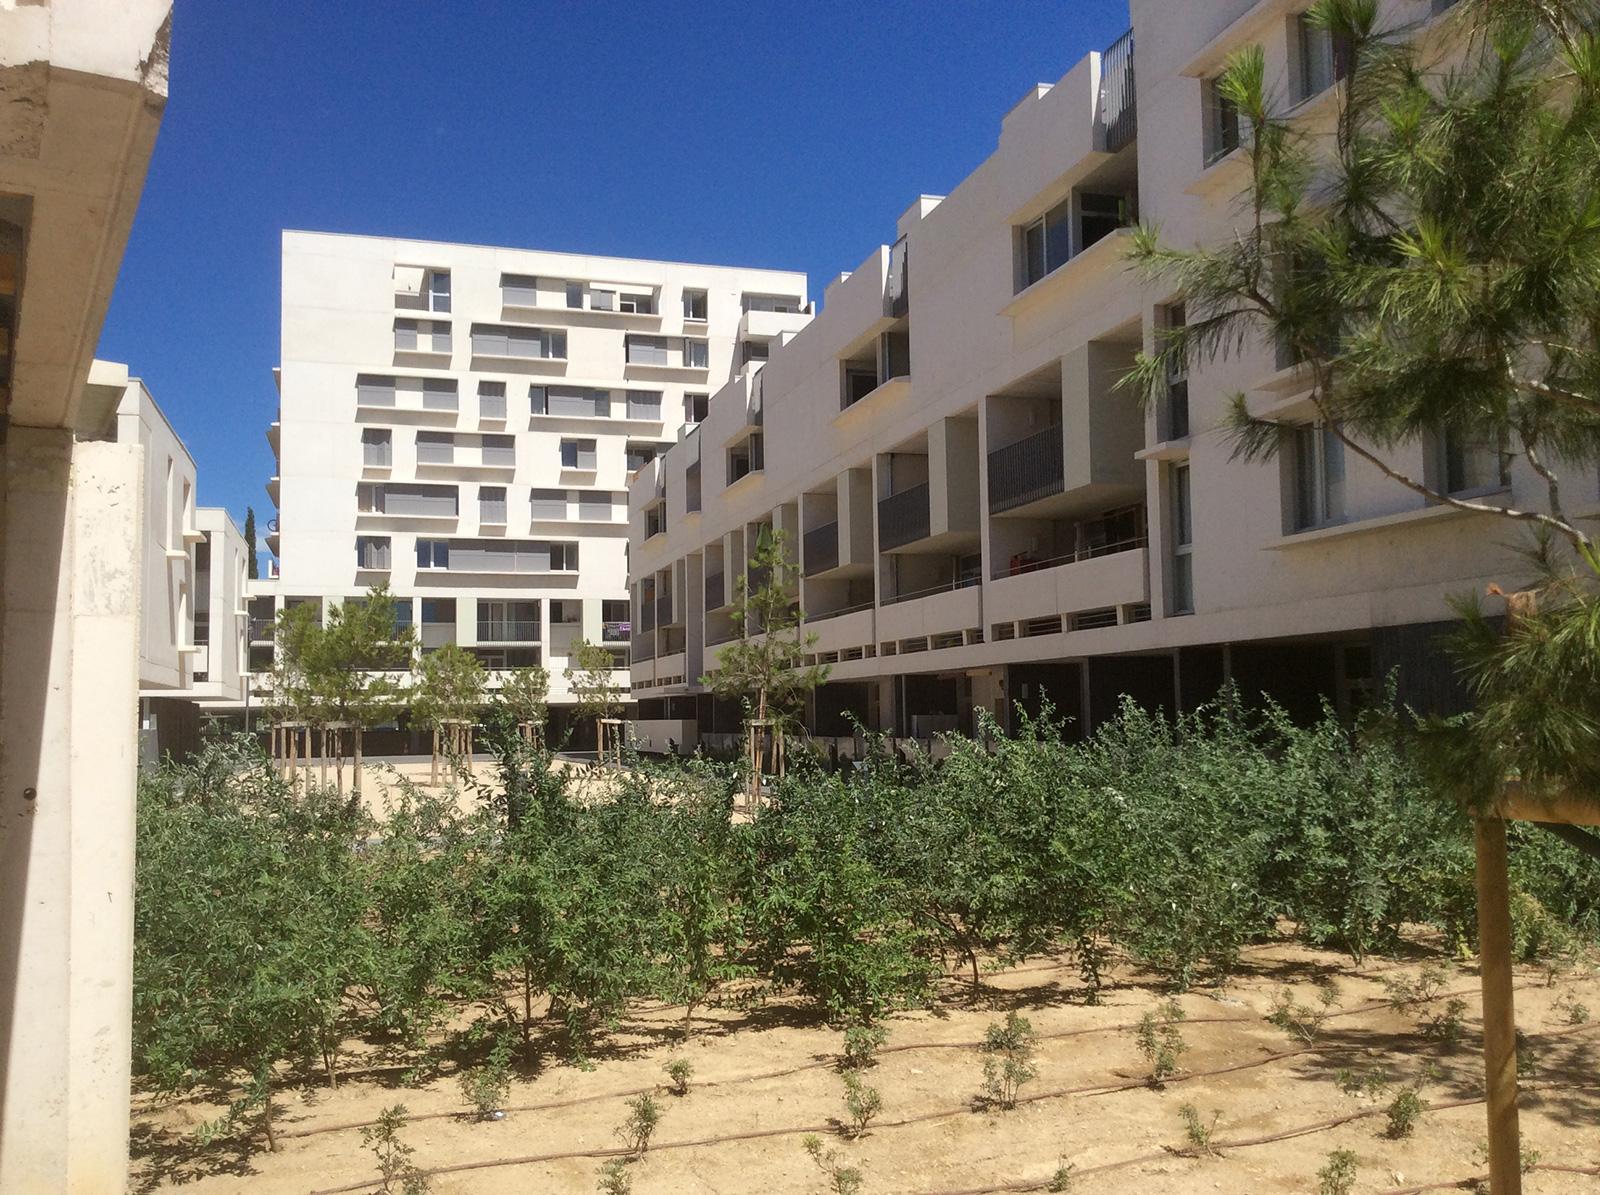 11-germe-et-jam-MTG-marseille-logements-vue-cour-interieure